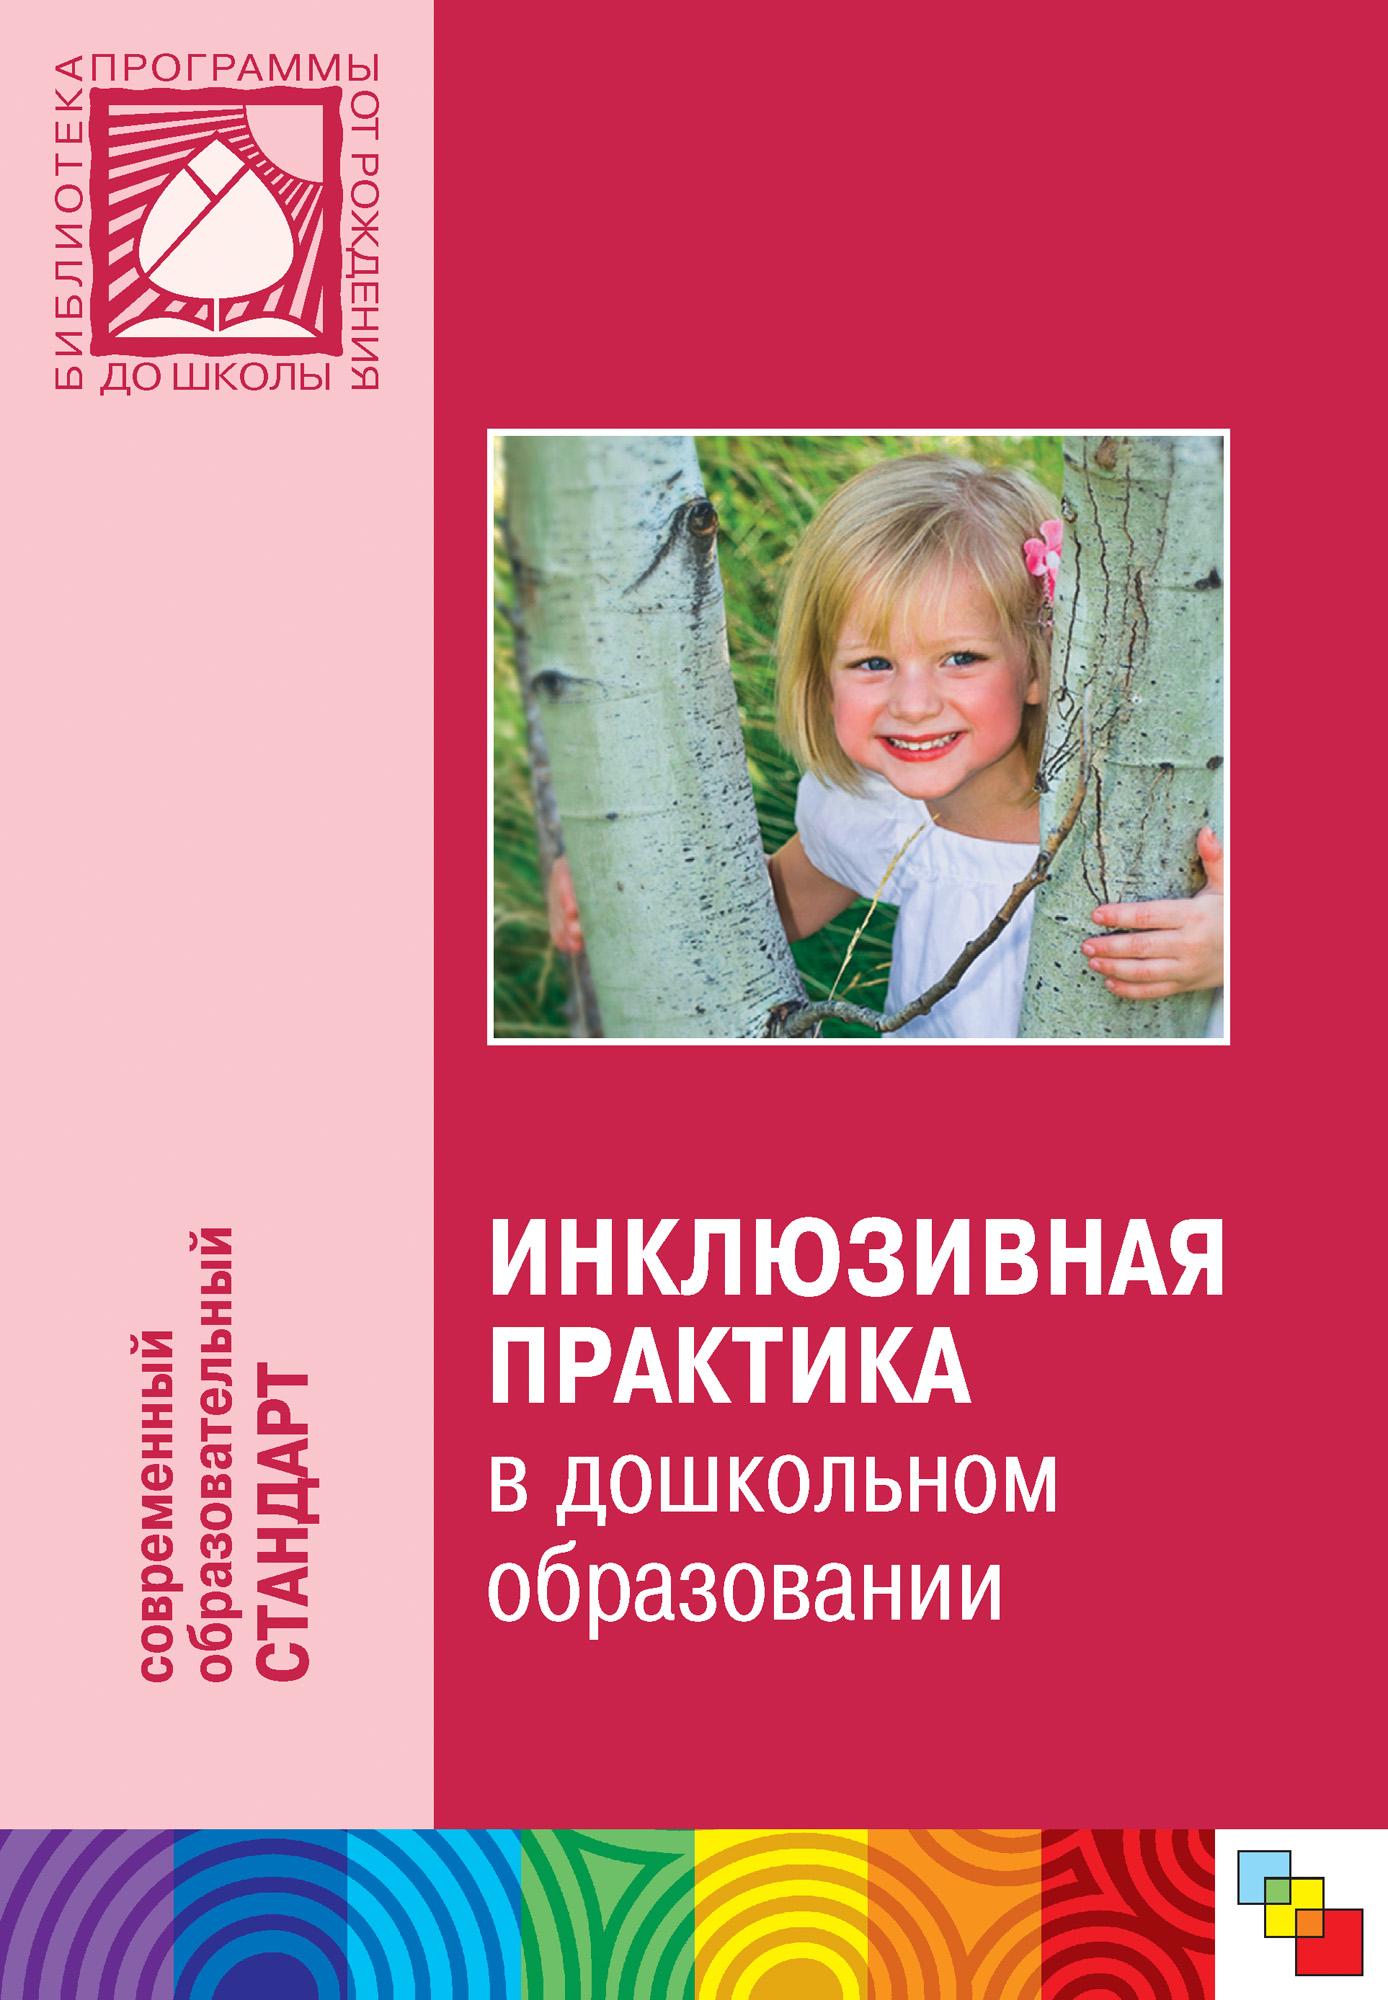 Коллектив авторов Инклюзивная практика в дошкольном образовании. Пособие для педагогов дошкольных учреждений цена